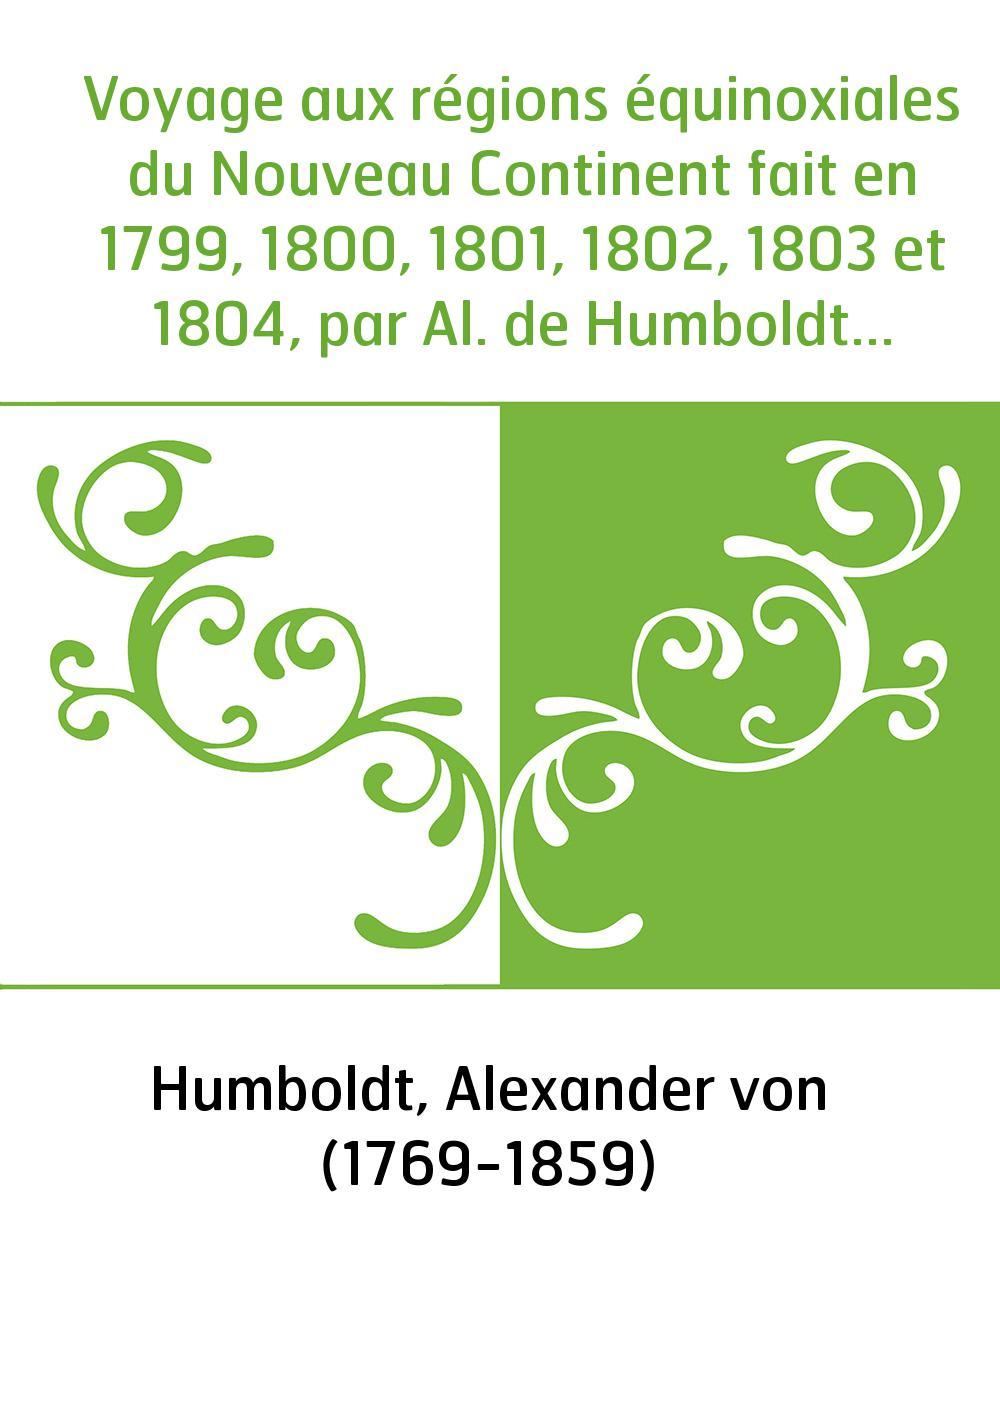 Voyage aux régions équinoxiales du Nouveau Continent fait en 1799, 1800, 1801, 1802, 1803 et 1804, par Al. de Humboldt et A. Bon